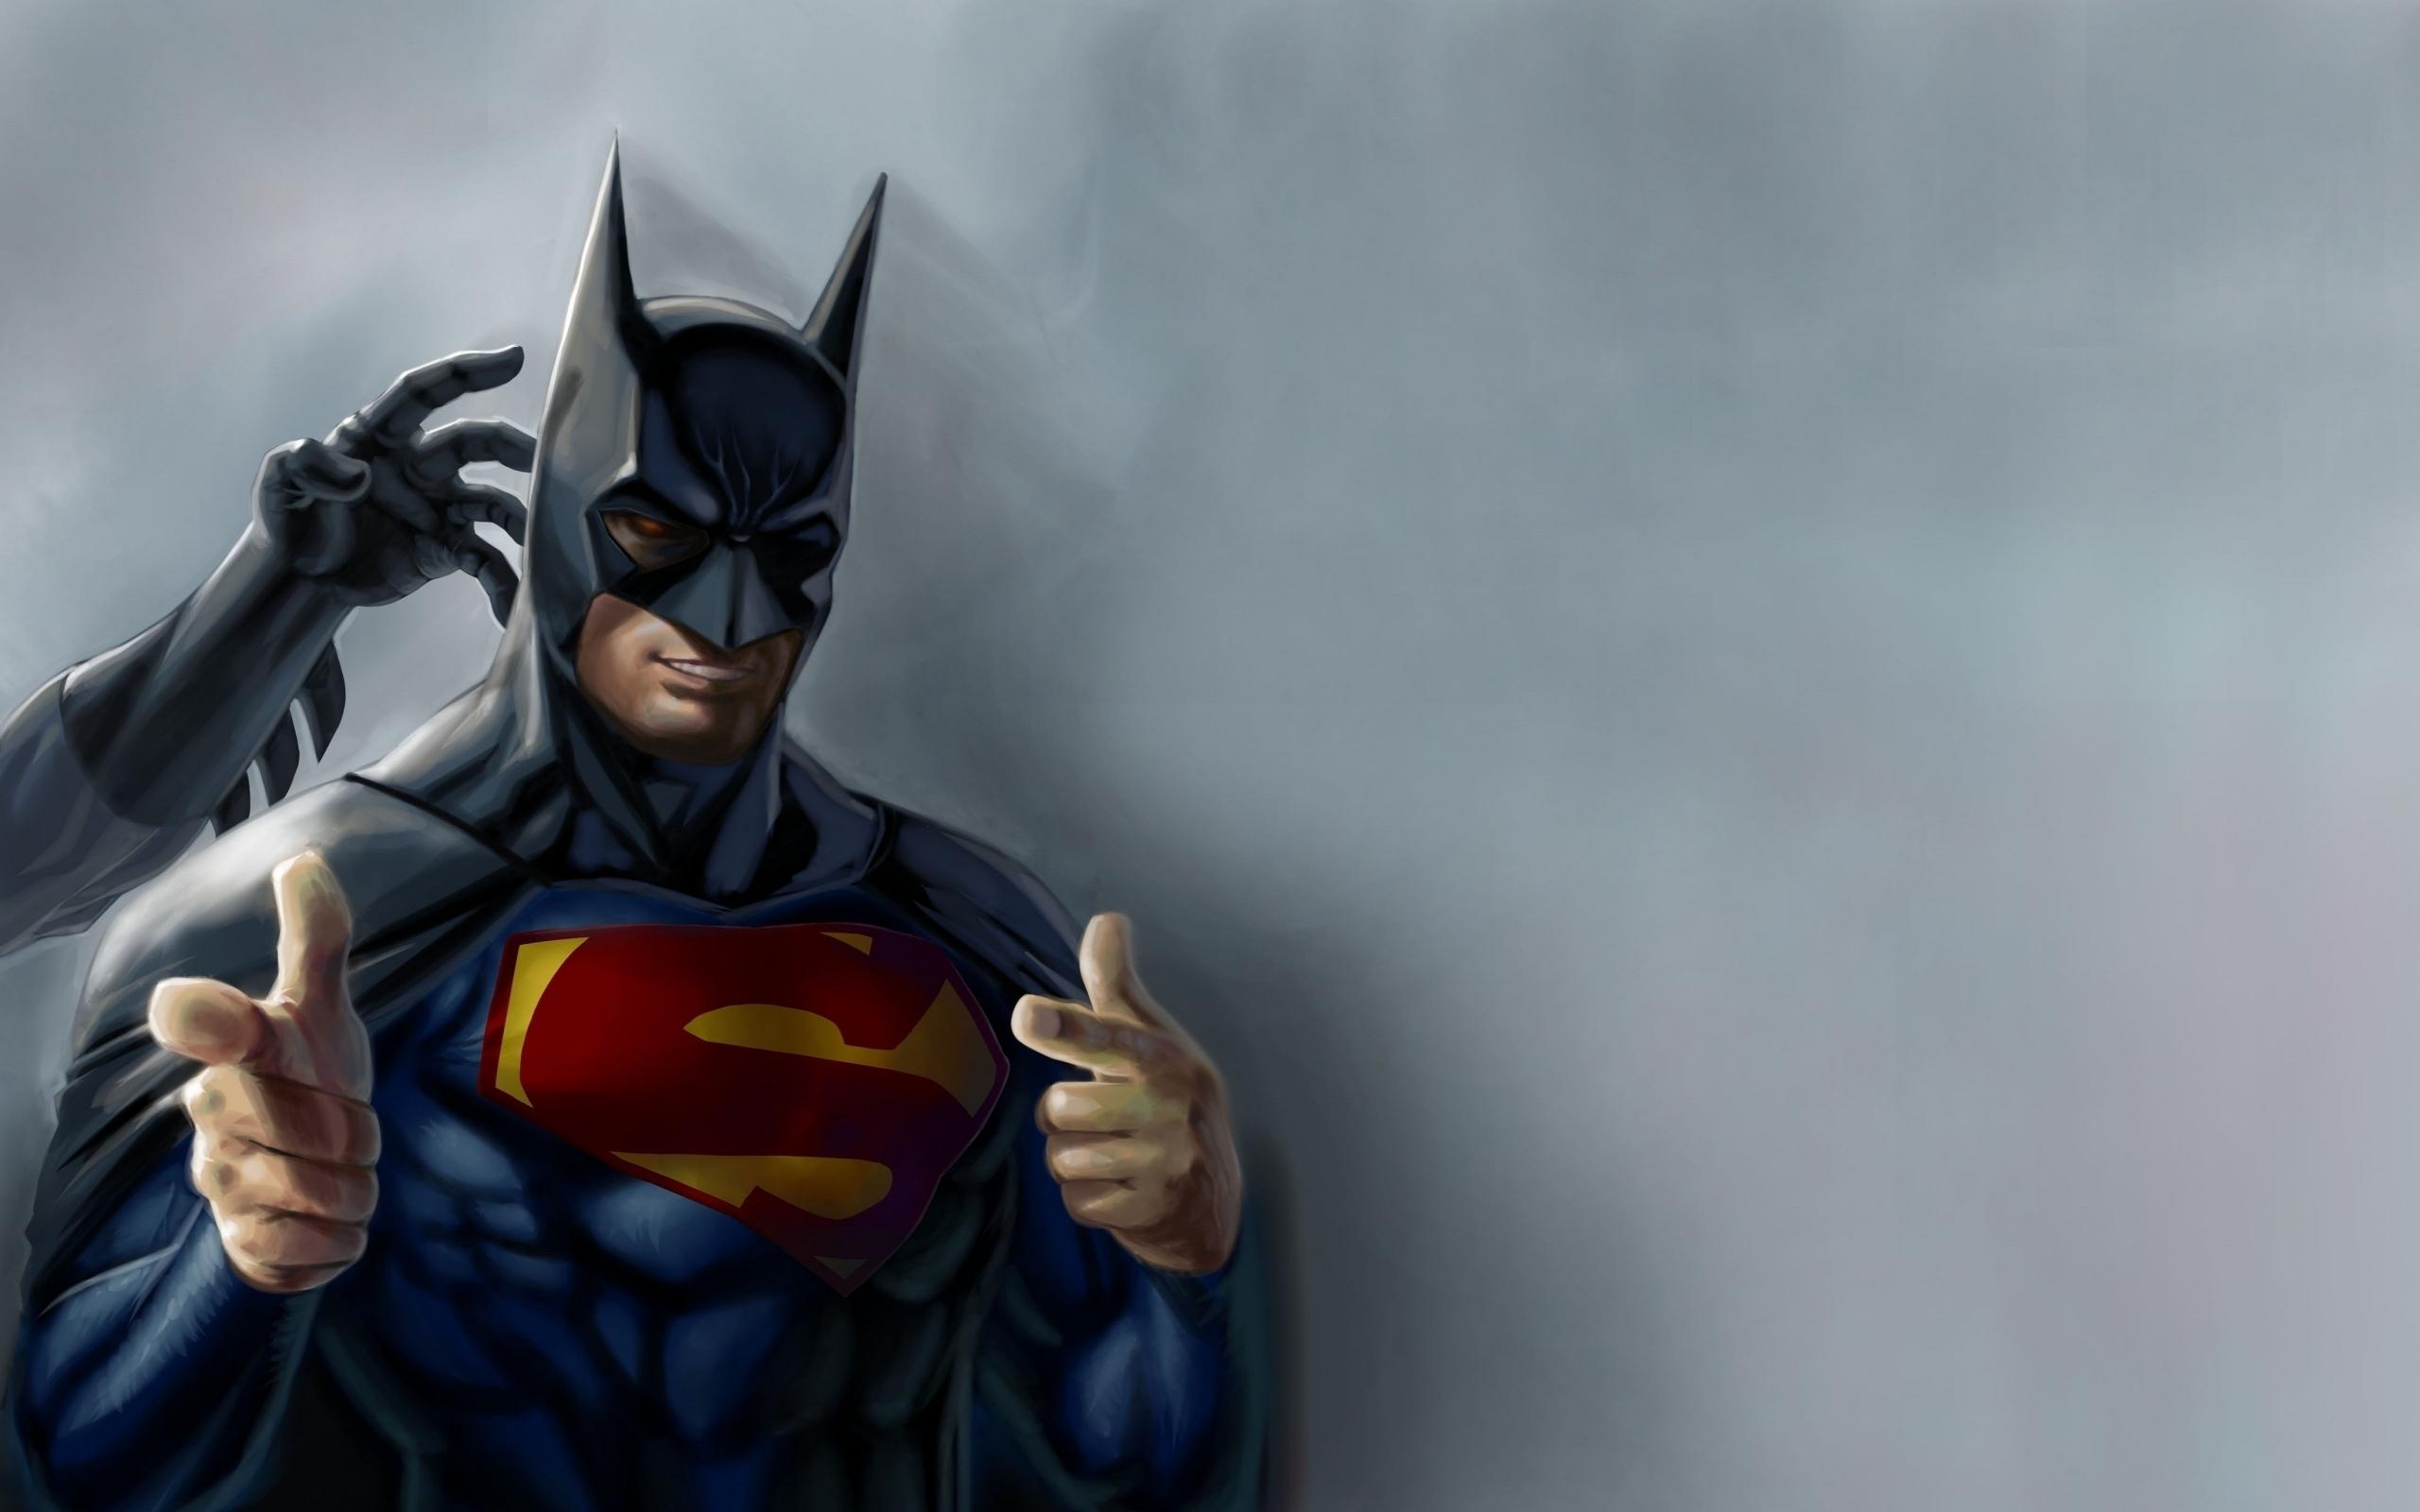 Hd wallpaper superman - Wallpaper Hd Batman And Superman Hd Wallpaper Expert